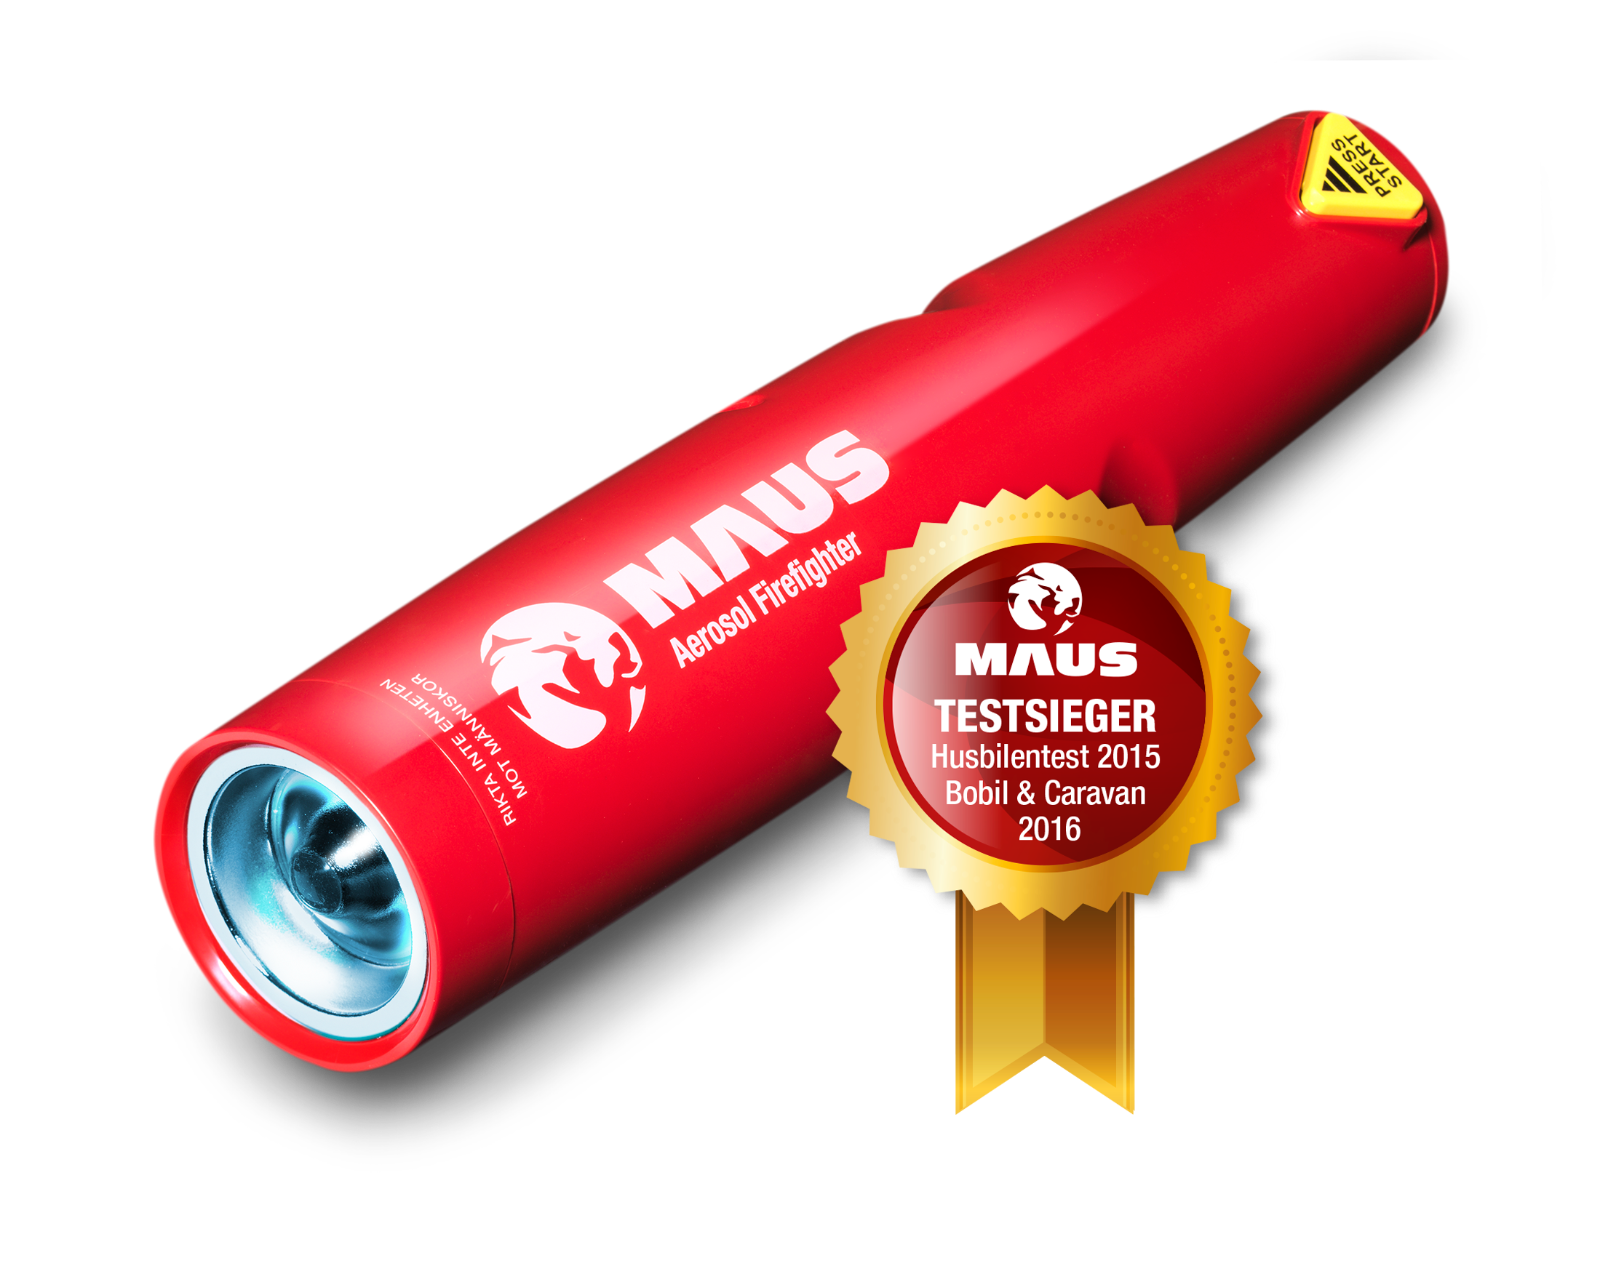 Holy Smoke MAUS Xtin Aerosol der handlichste Feuerlöscher der Welt